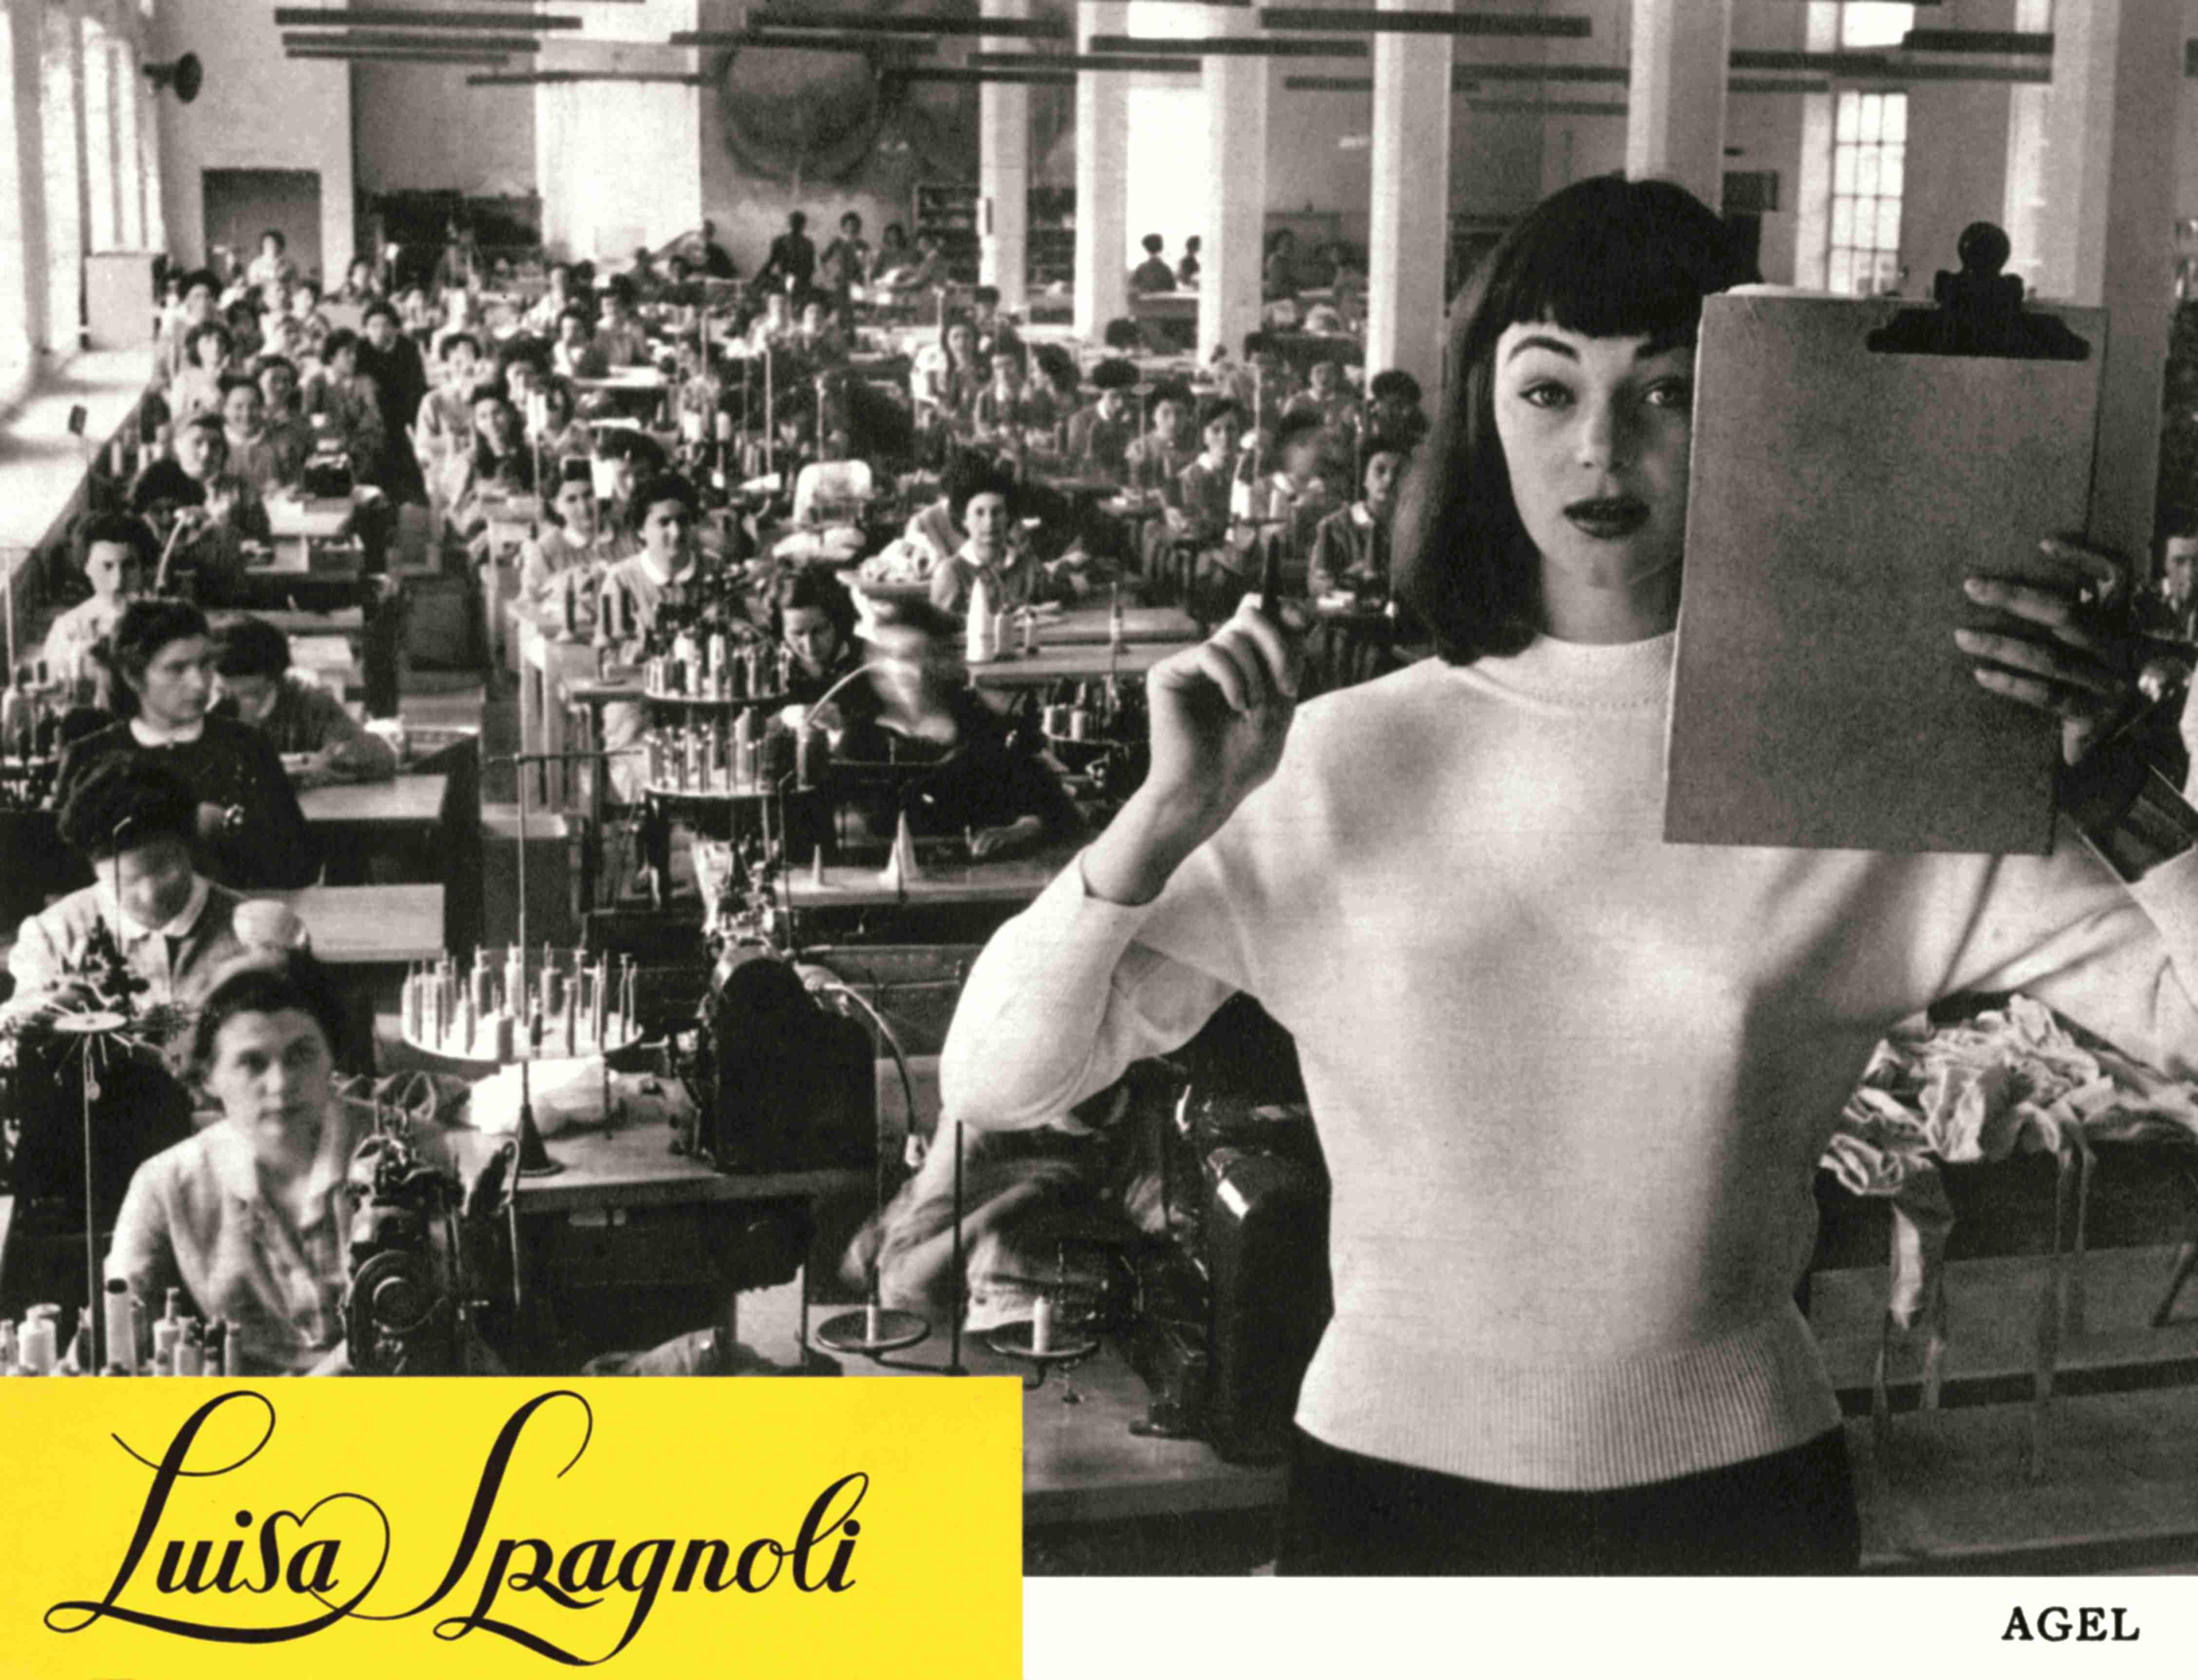 38 Ivy Nicholson in un servizio fotografico scattato allinterno dello  stabilimento Luisa Spagnoli nel 81ab225bacc